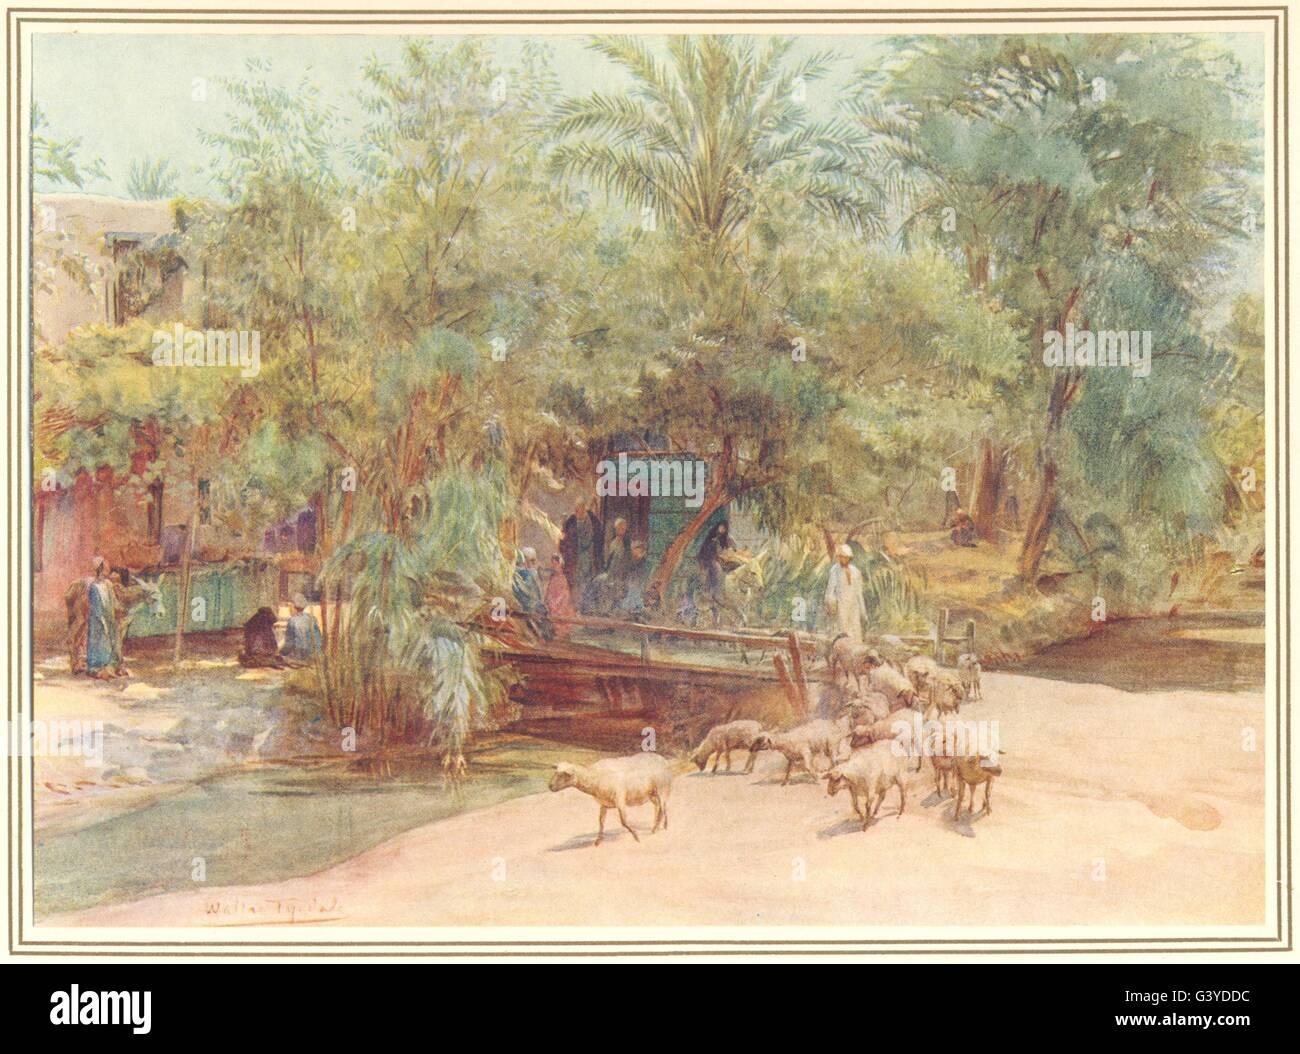 Egitto: il villaggio del Marg, antica stampa 1912 Immagini Stock